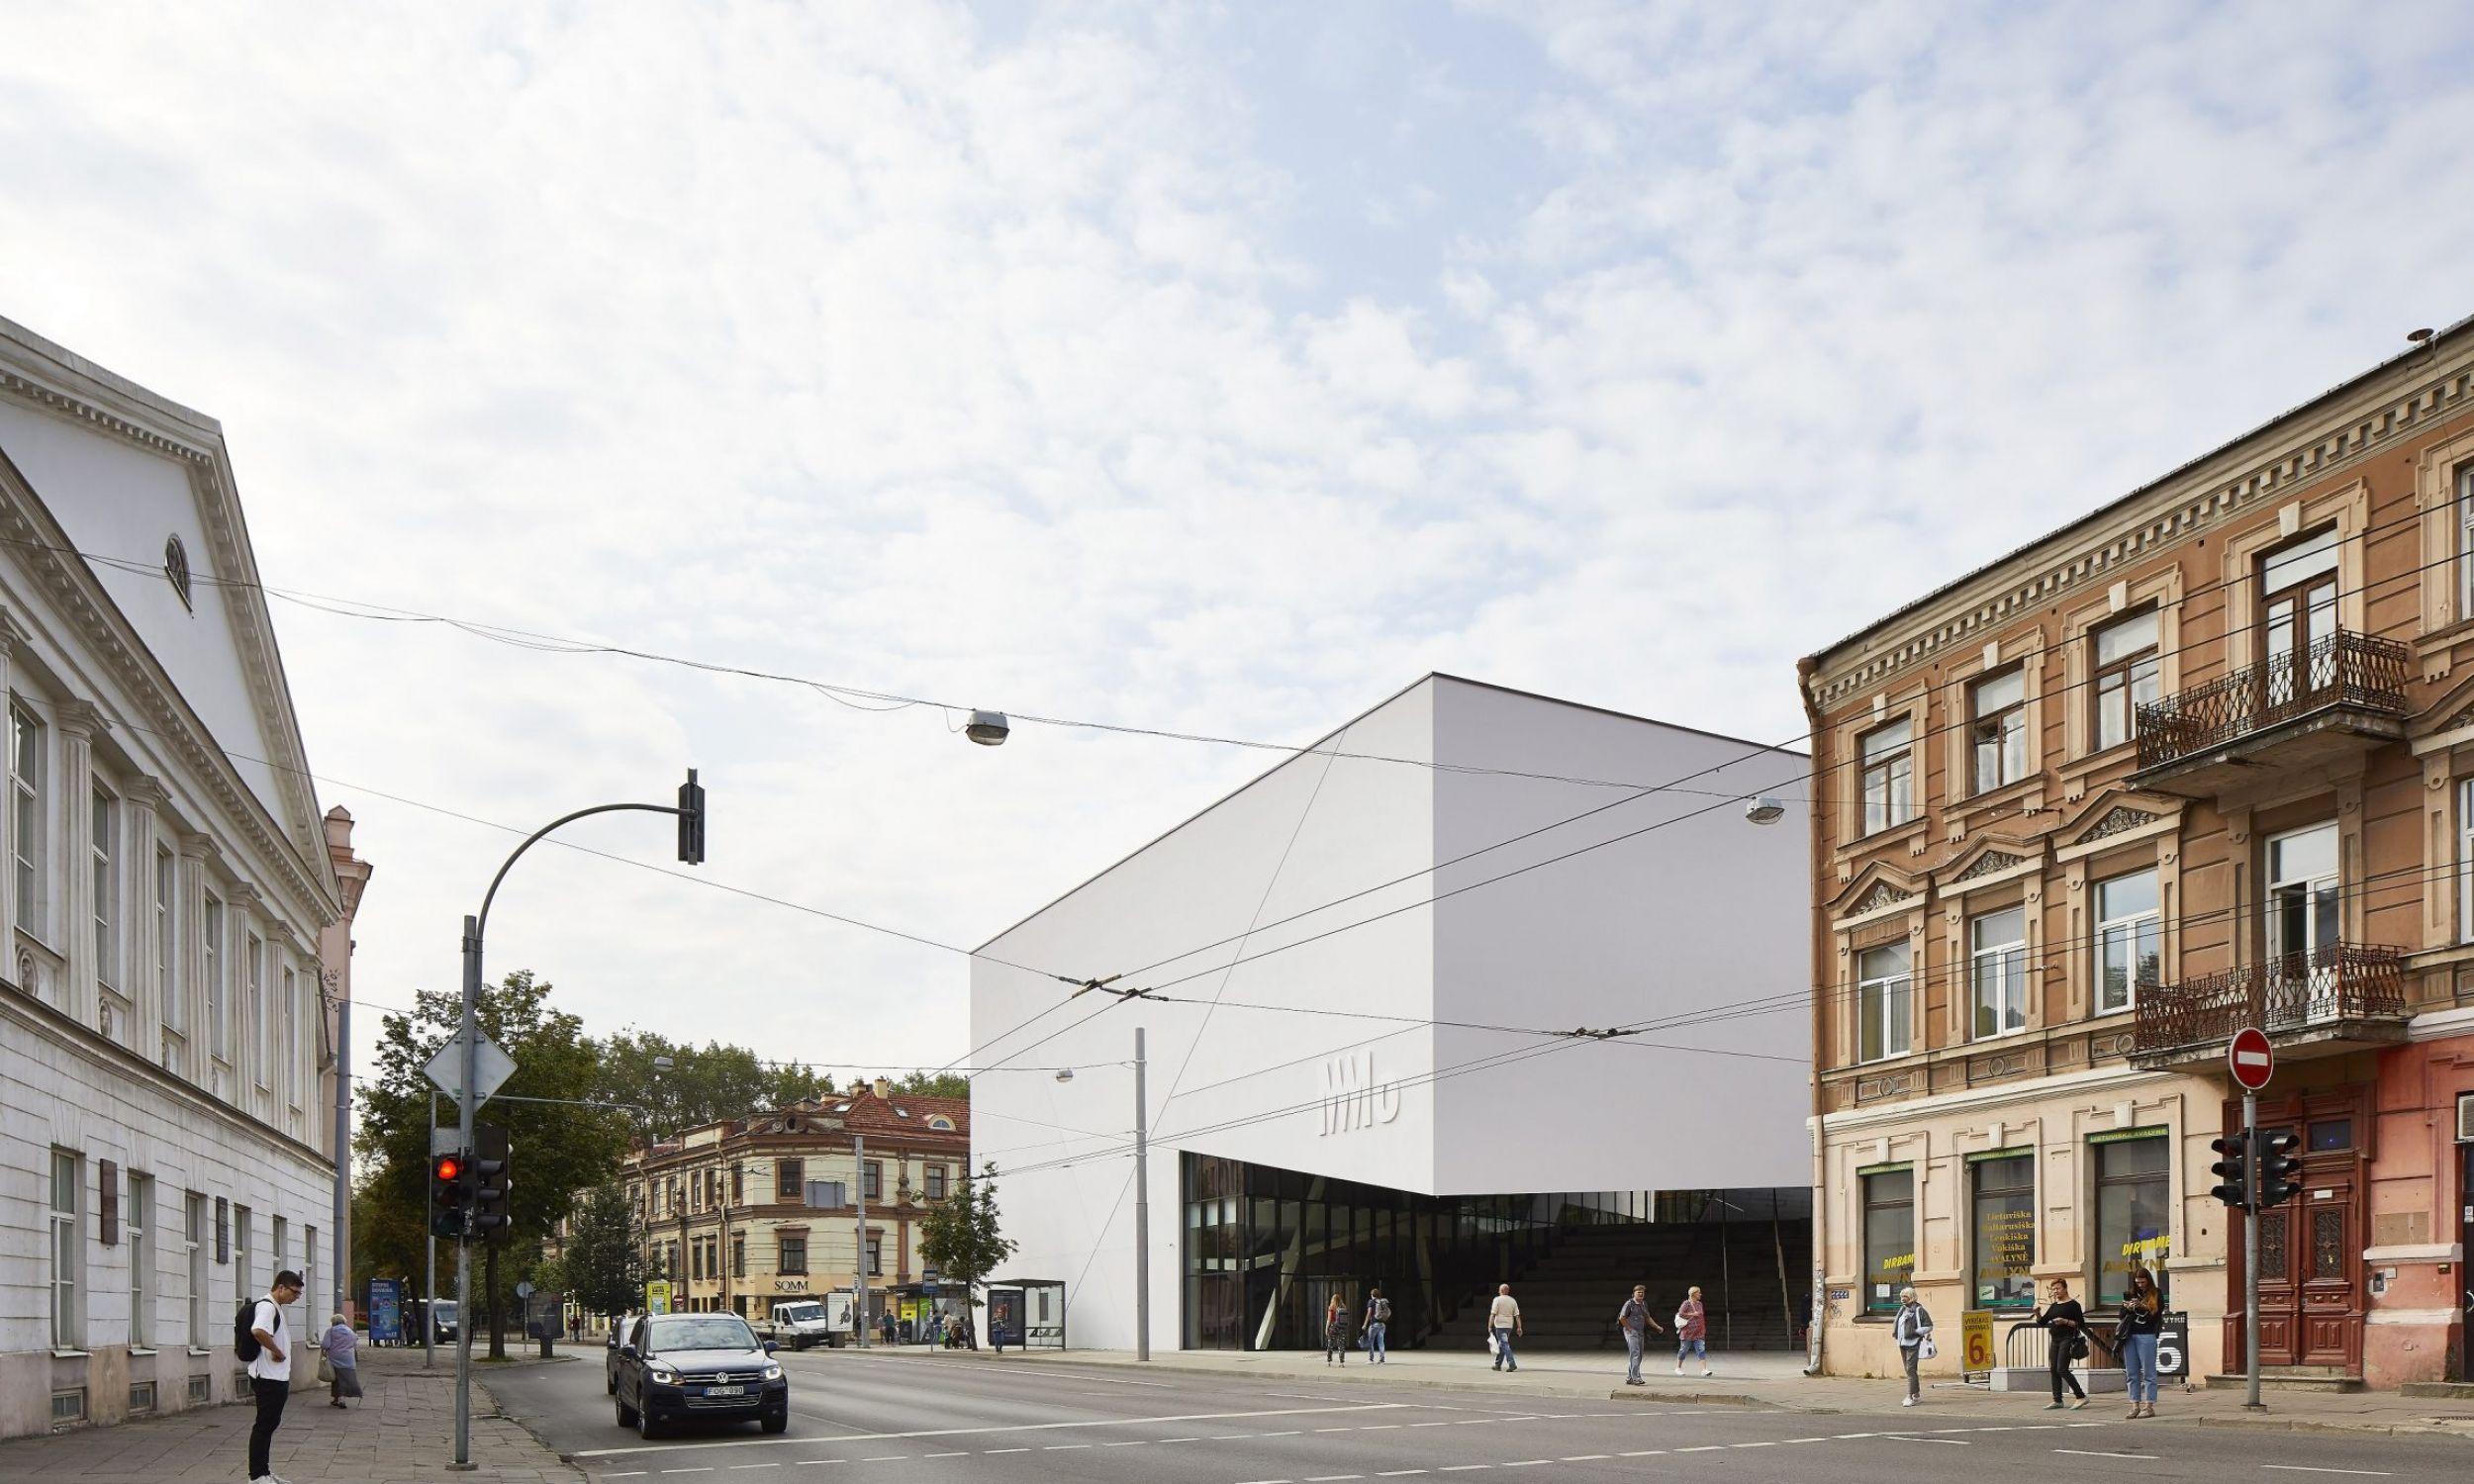 Budynek został znakomicie wkomponowany w niską okoliczną zabudowę. Fot.Studio-Libeskind/©HuftonCrow